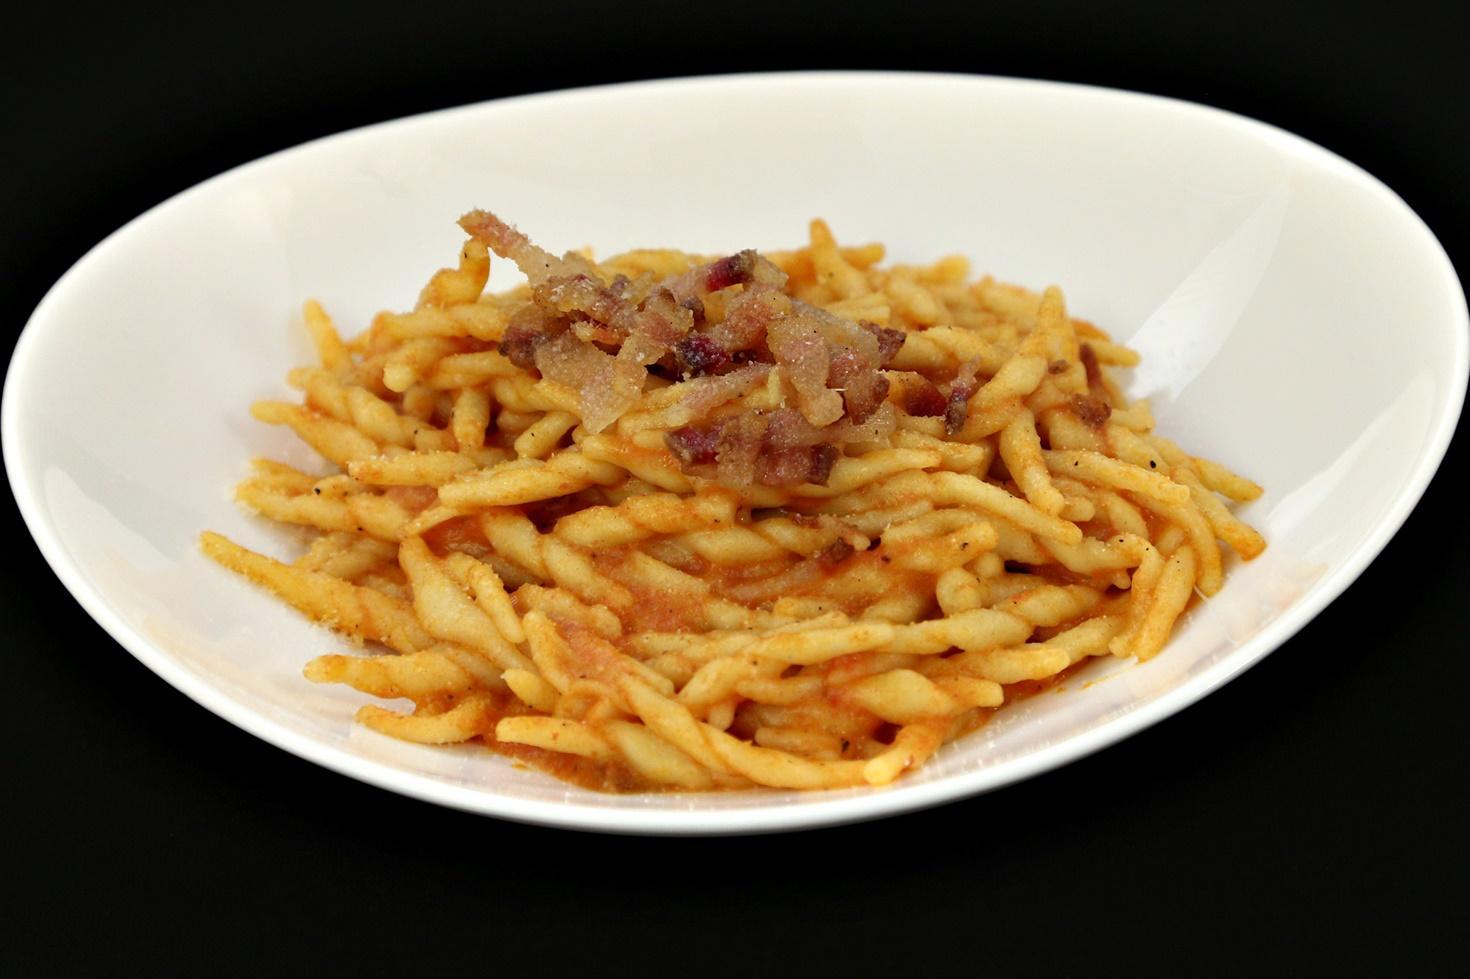 Trofie cu sos de roșii, pecorino și guanciale. Rețetă de paste răsucite cu sos de roșii, pecorino și carne de porc